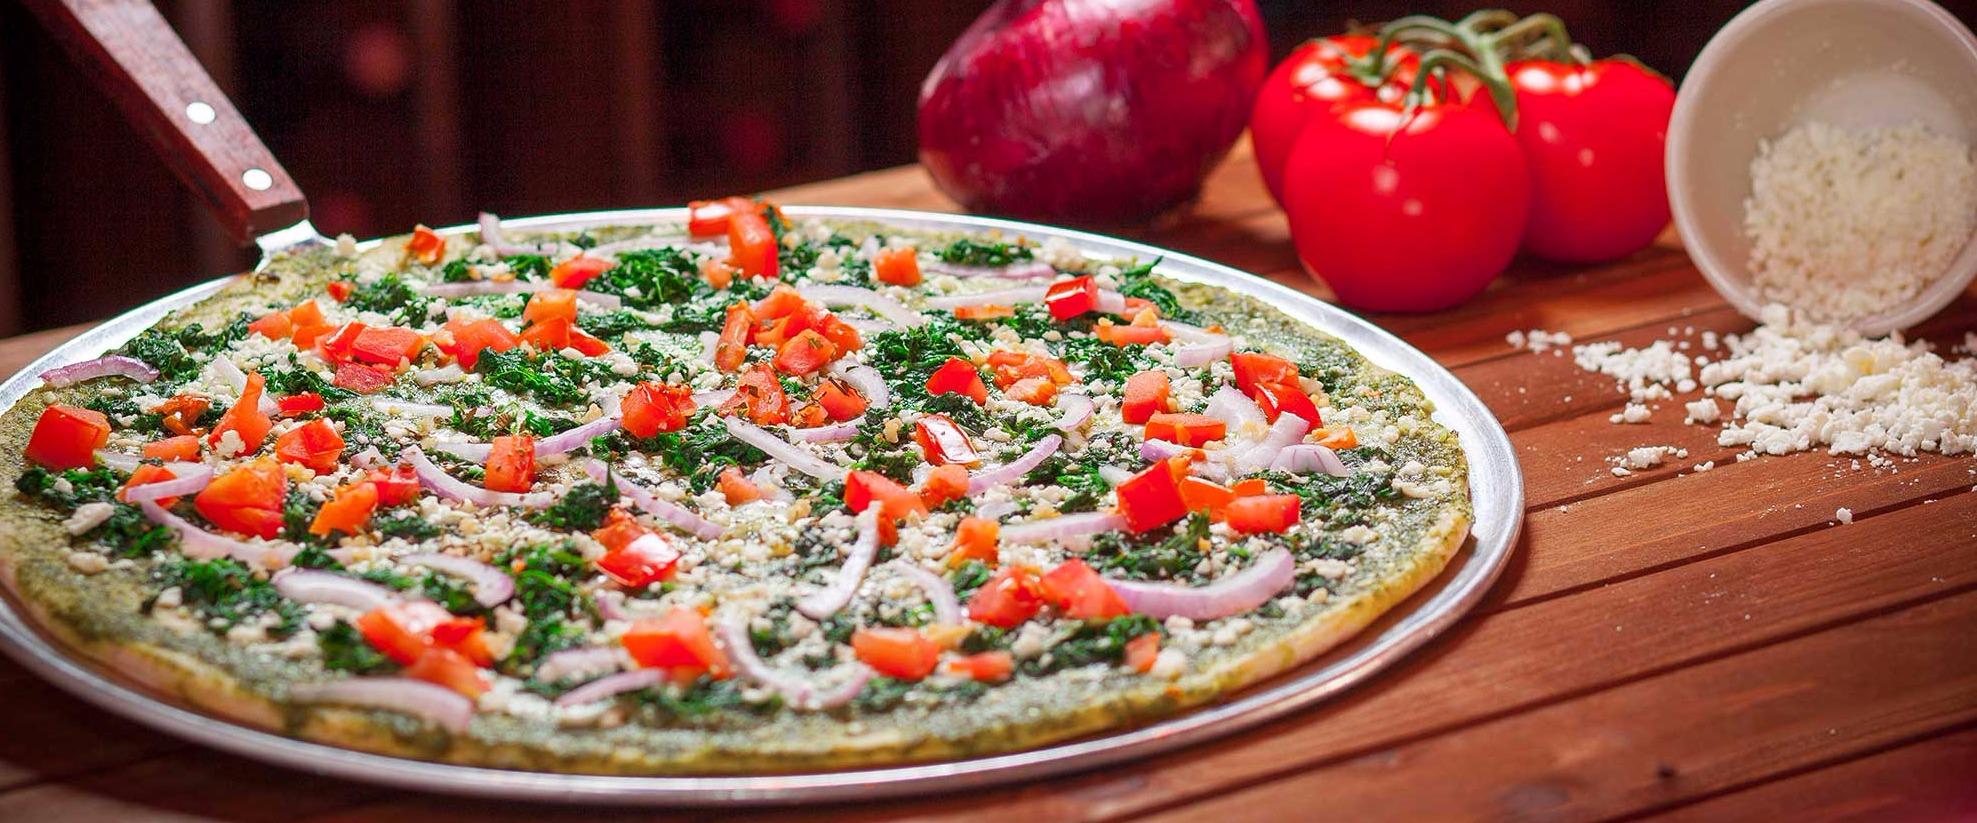 Ardovino's Pizza Restaurant: El Paso, TX - Delivery, Sandwiches, Italian